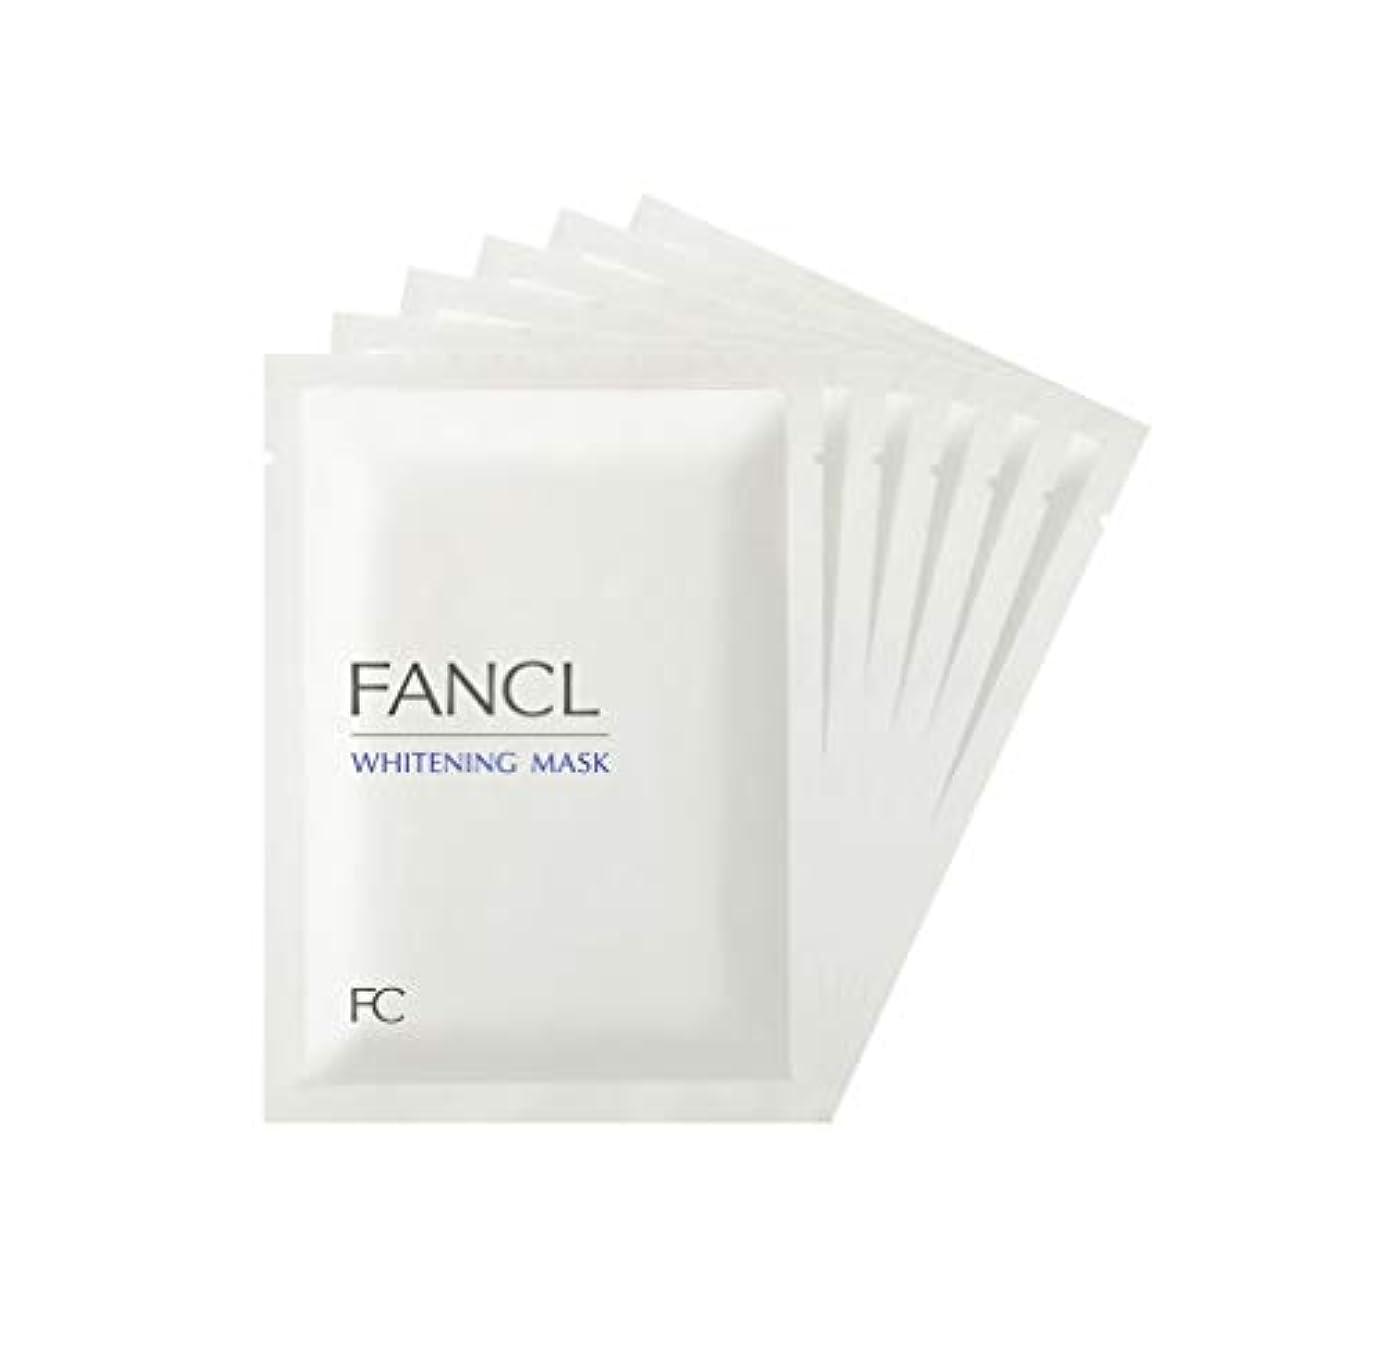 幻影流用する市民権ファンケル (FANCL) 新 ホワイトニング マスク 6枚セット (21mL×6) 【医薬部外品】